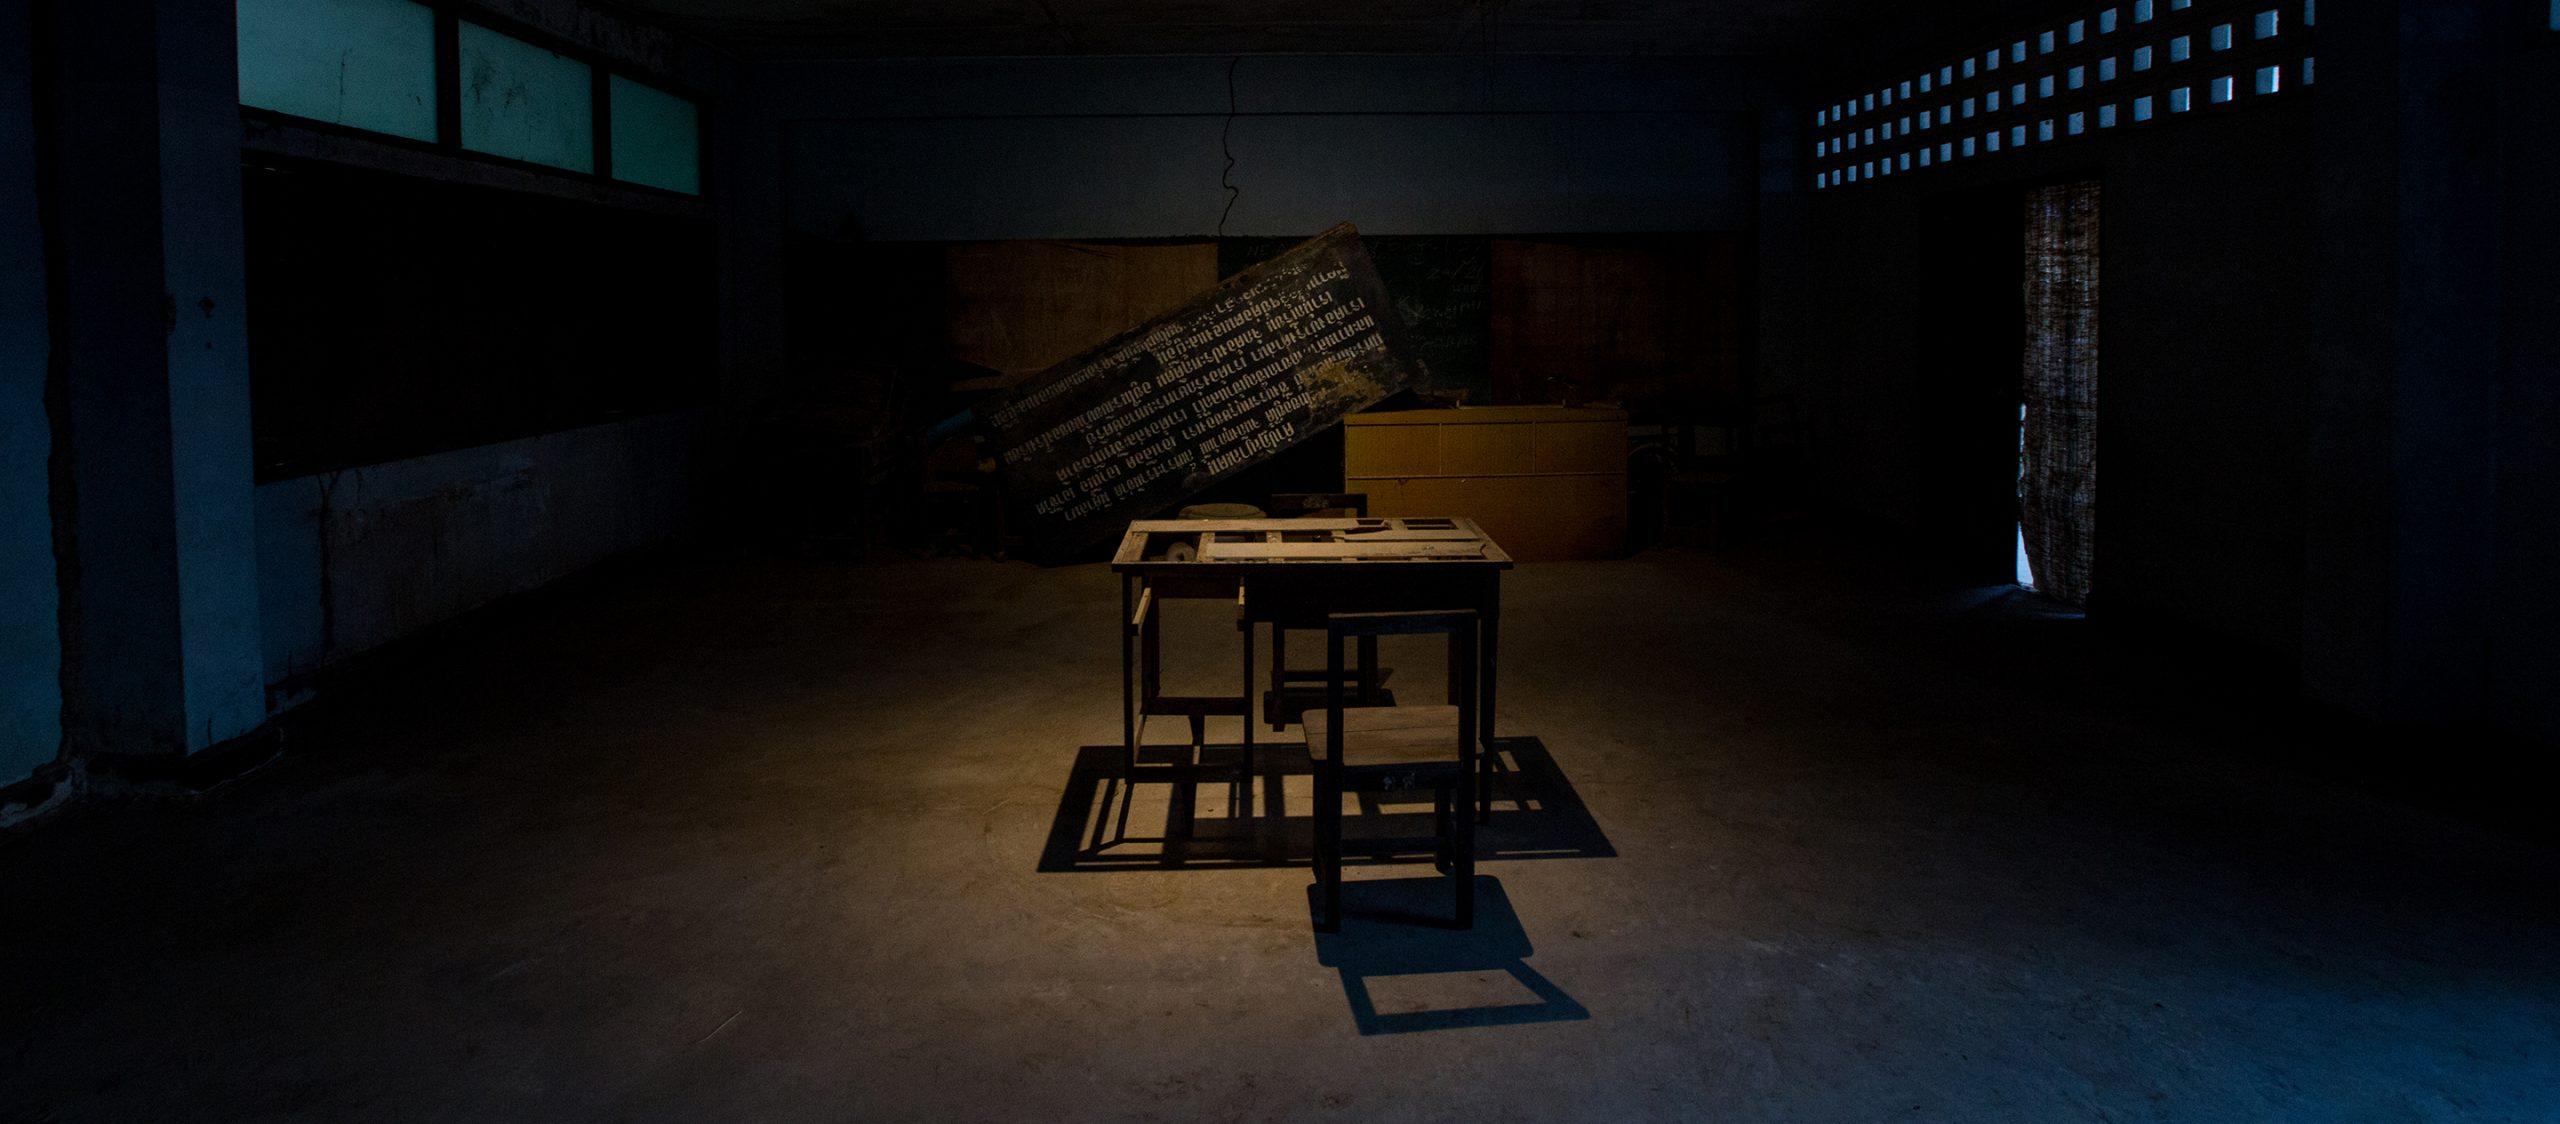 ตามไปดู 'UBON AGENDA วาระวาริน' ศิลปะการต่อต้านรัฐบนพื้นที่ประวัติศาสตร์ท้องถิ่นที่ถูกลืม